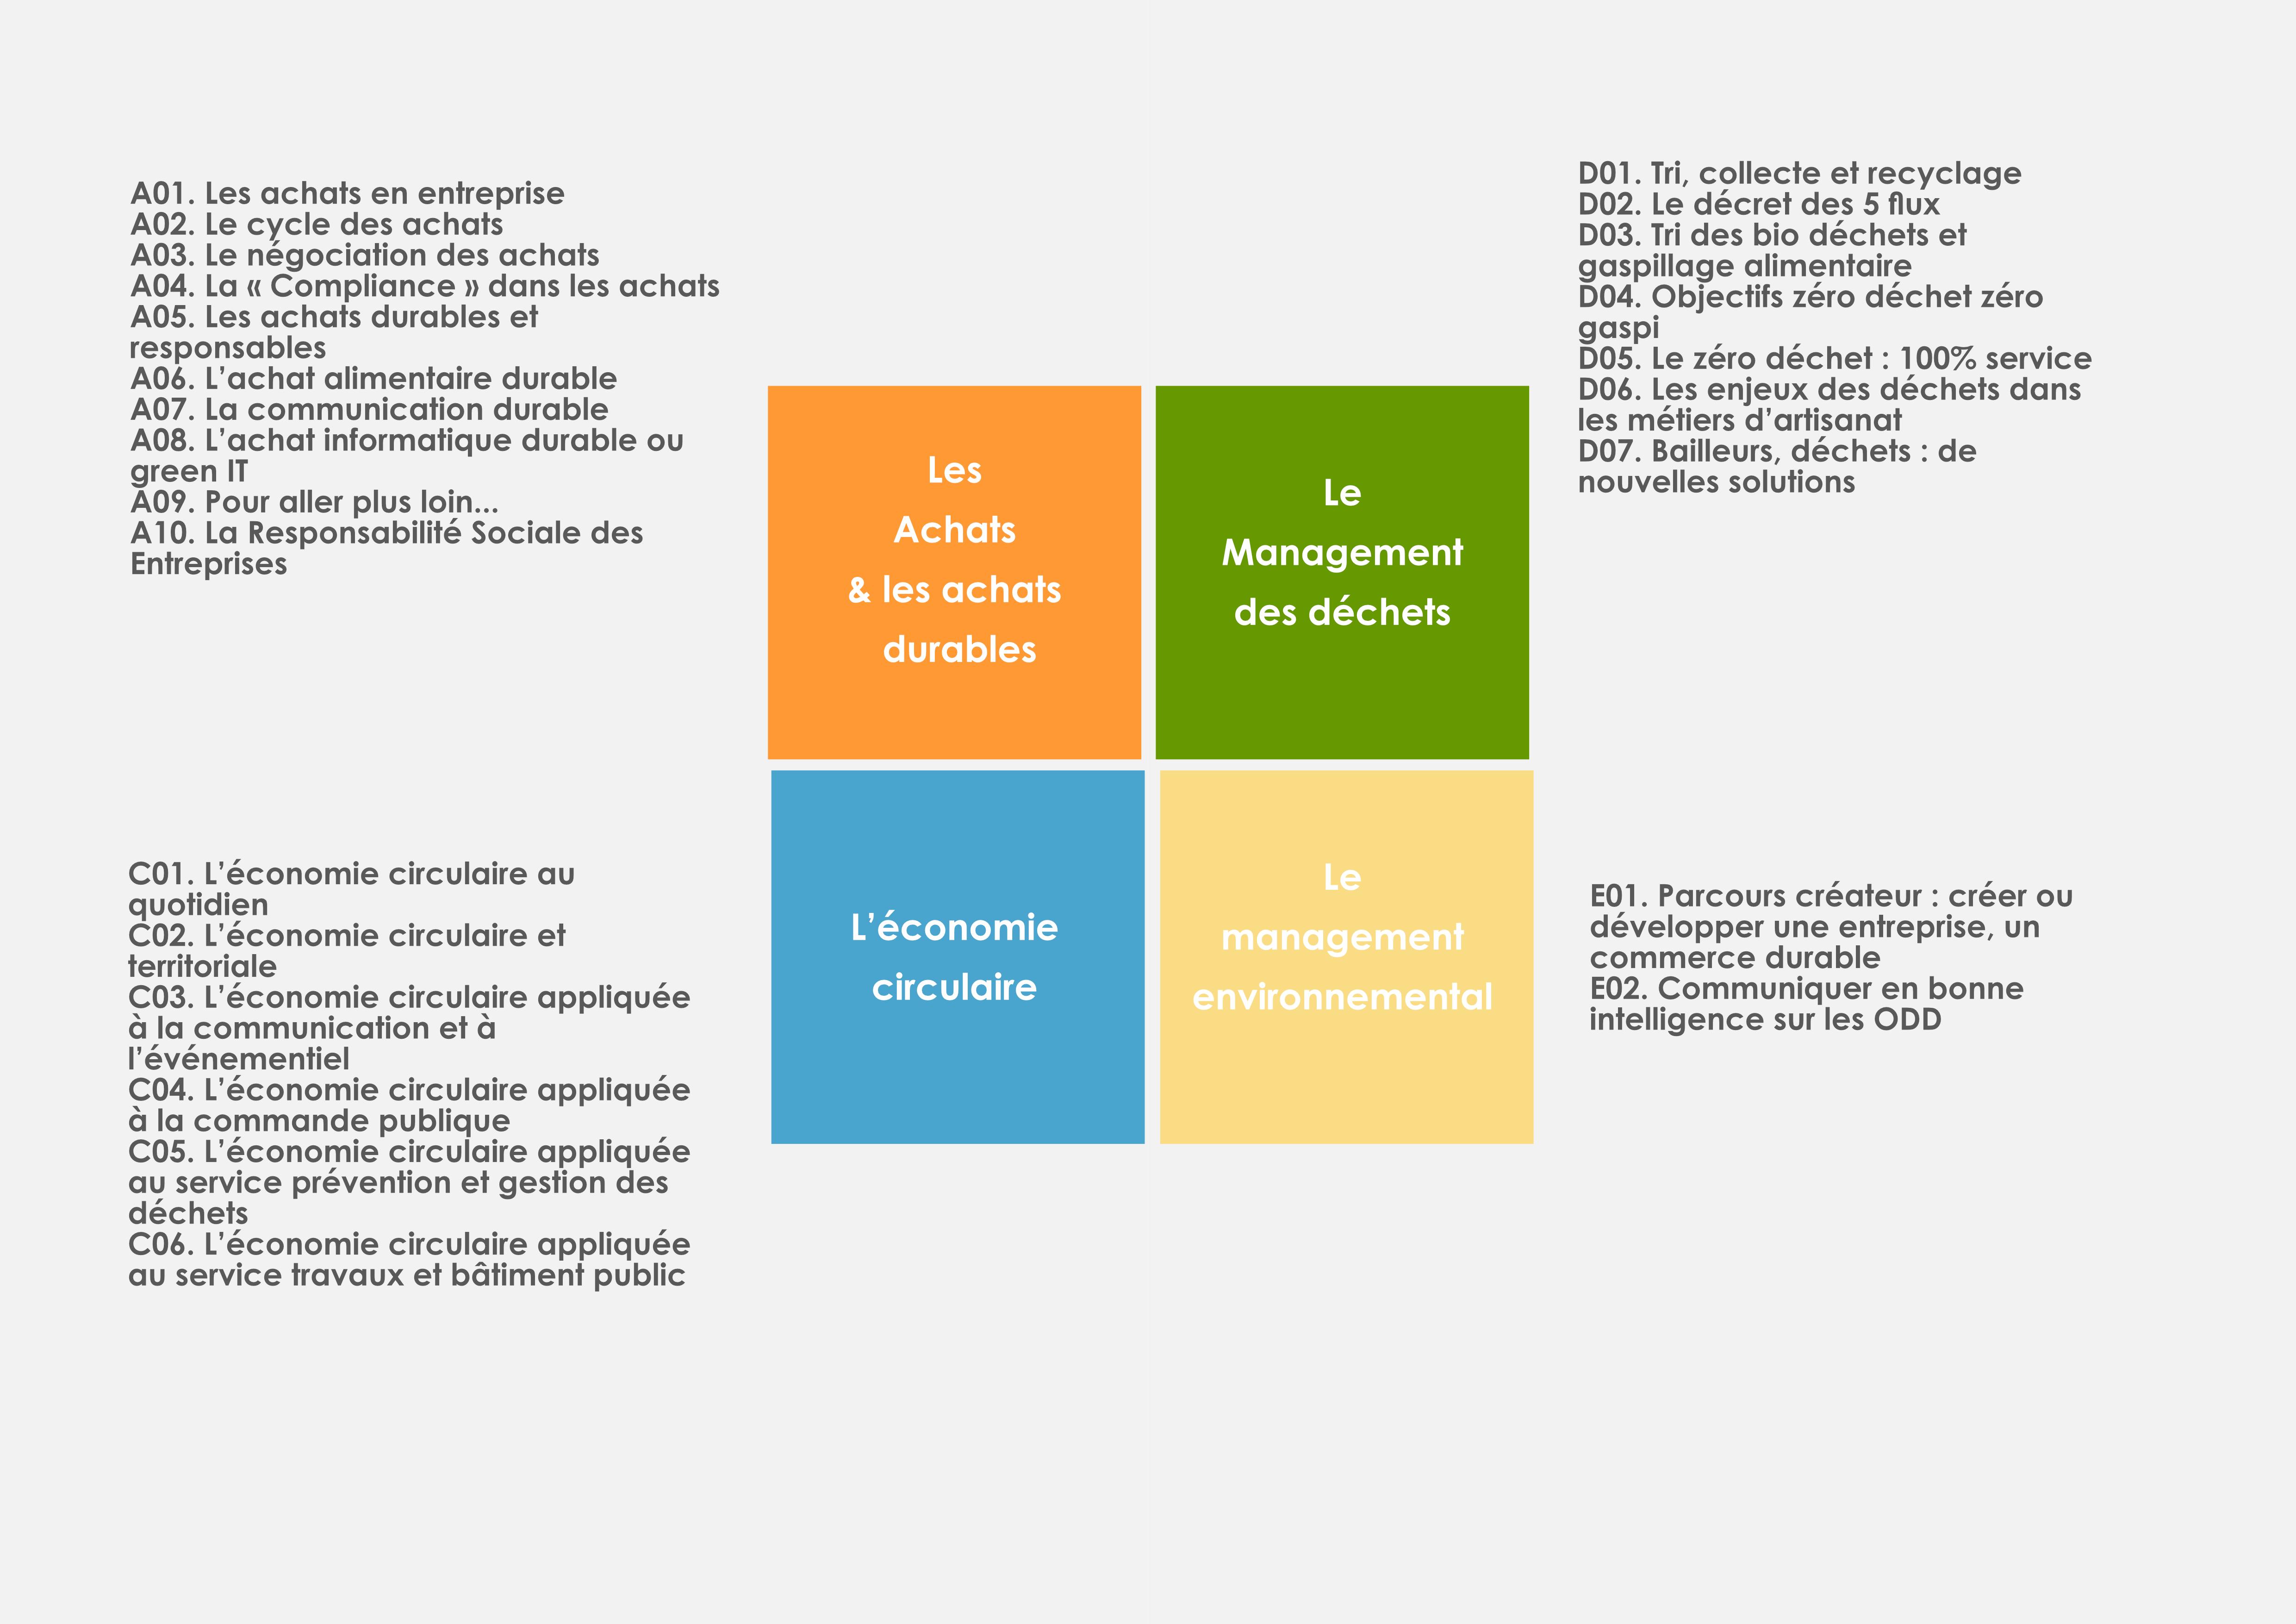 prestation catalogue de formation le management des déchets les achats durables l'économie circulaire le management environnemental